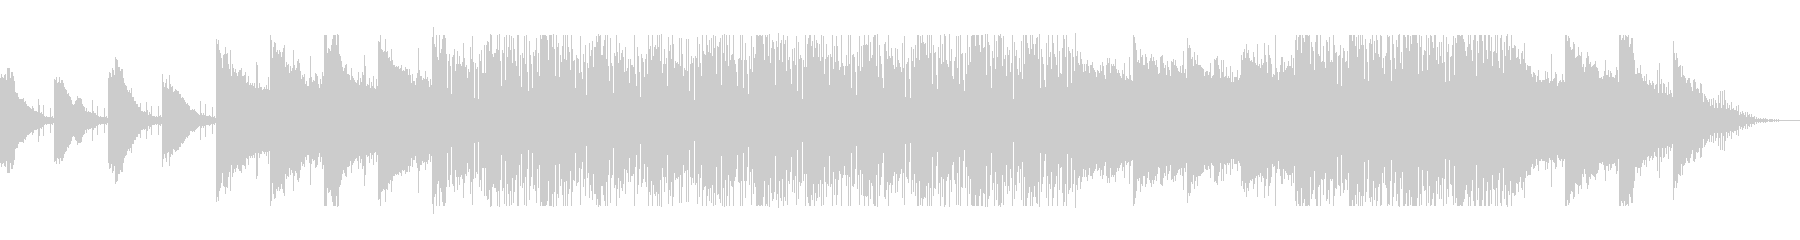 滑らかなピアノのストリングハウス音の未再生の波形